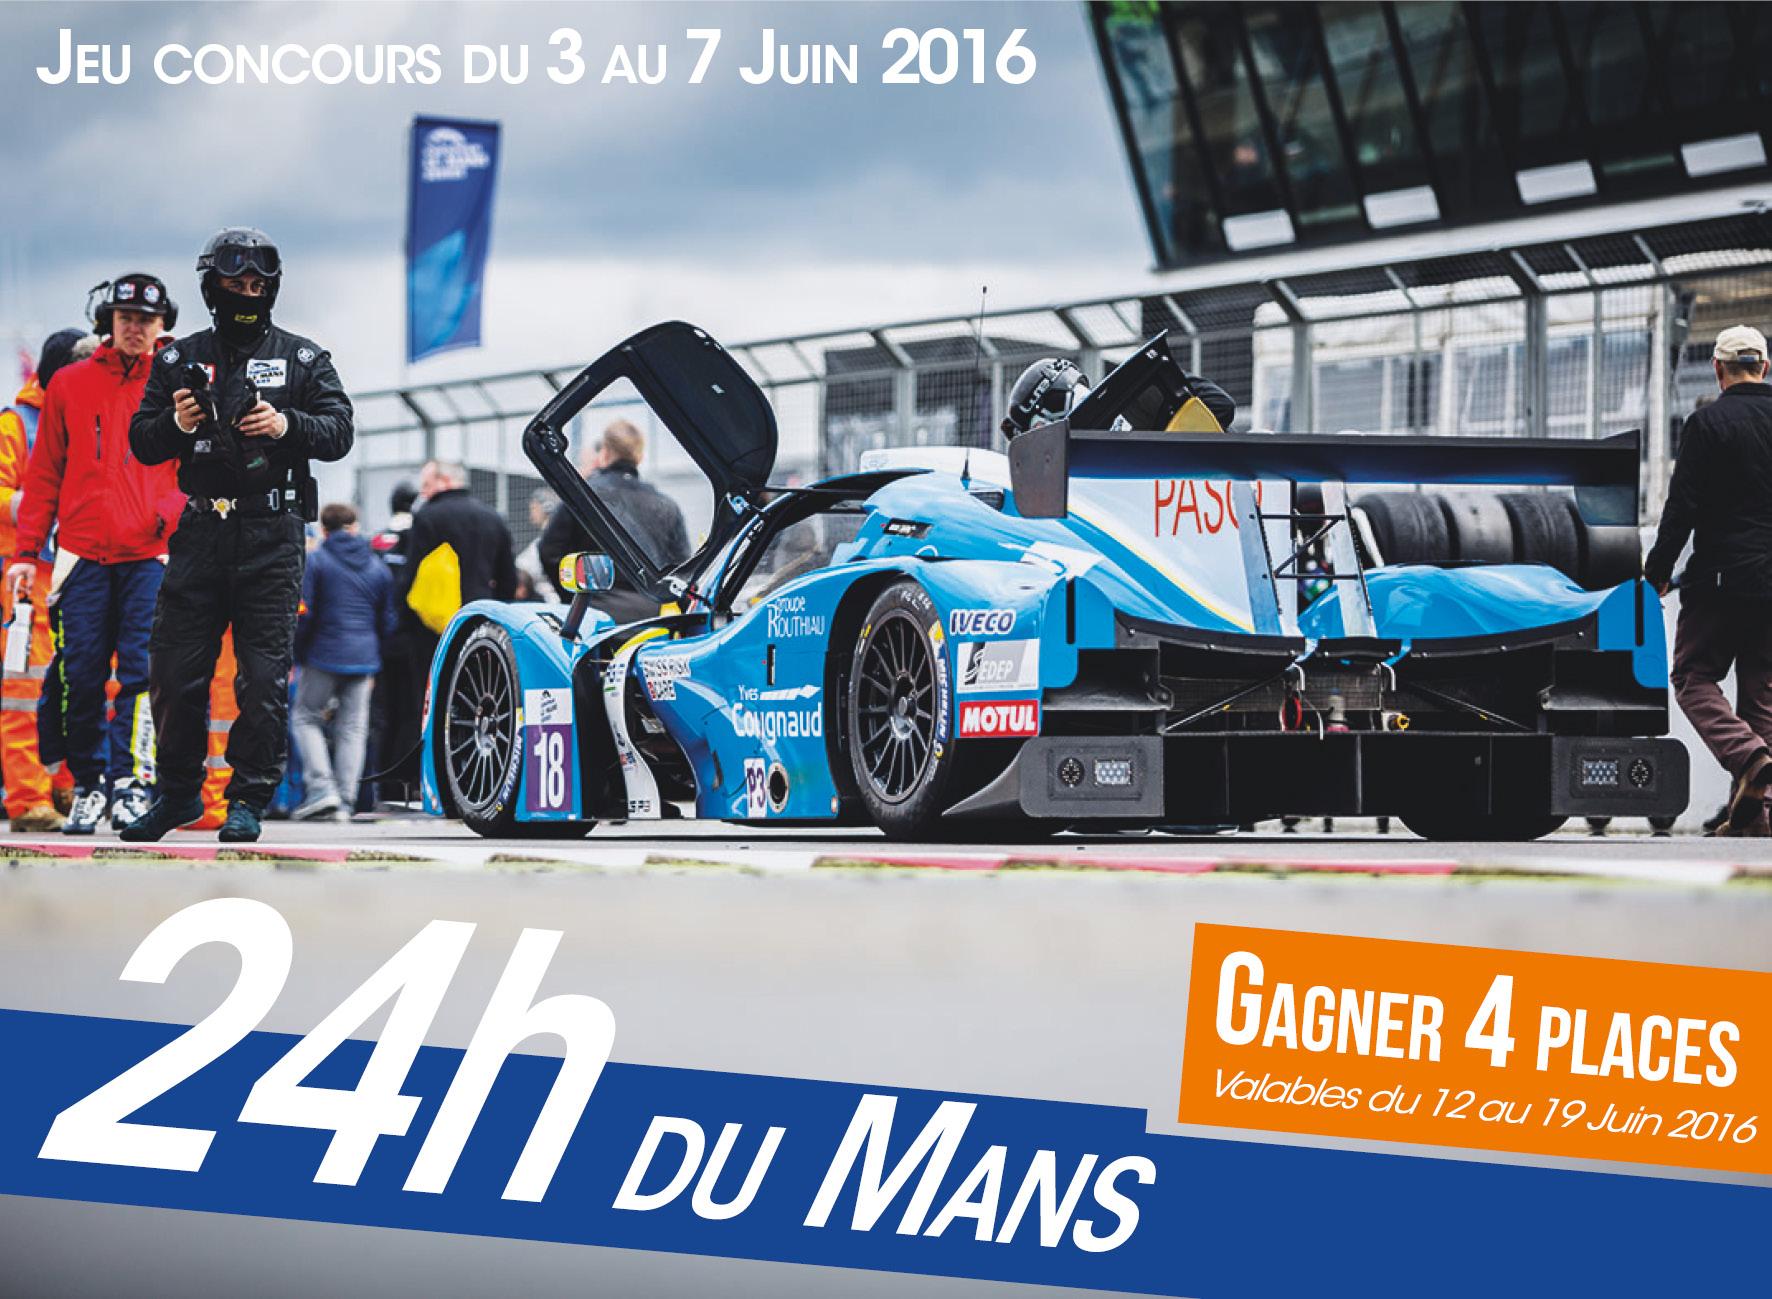 Grand jeu des 24h du Mans, partez encourager Thomas Laurent - Préfou, Préfous à l'ail et Préfous ...